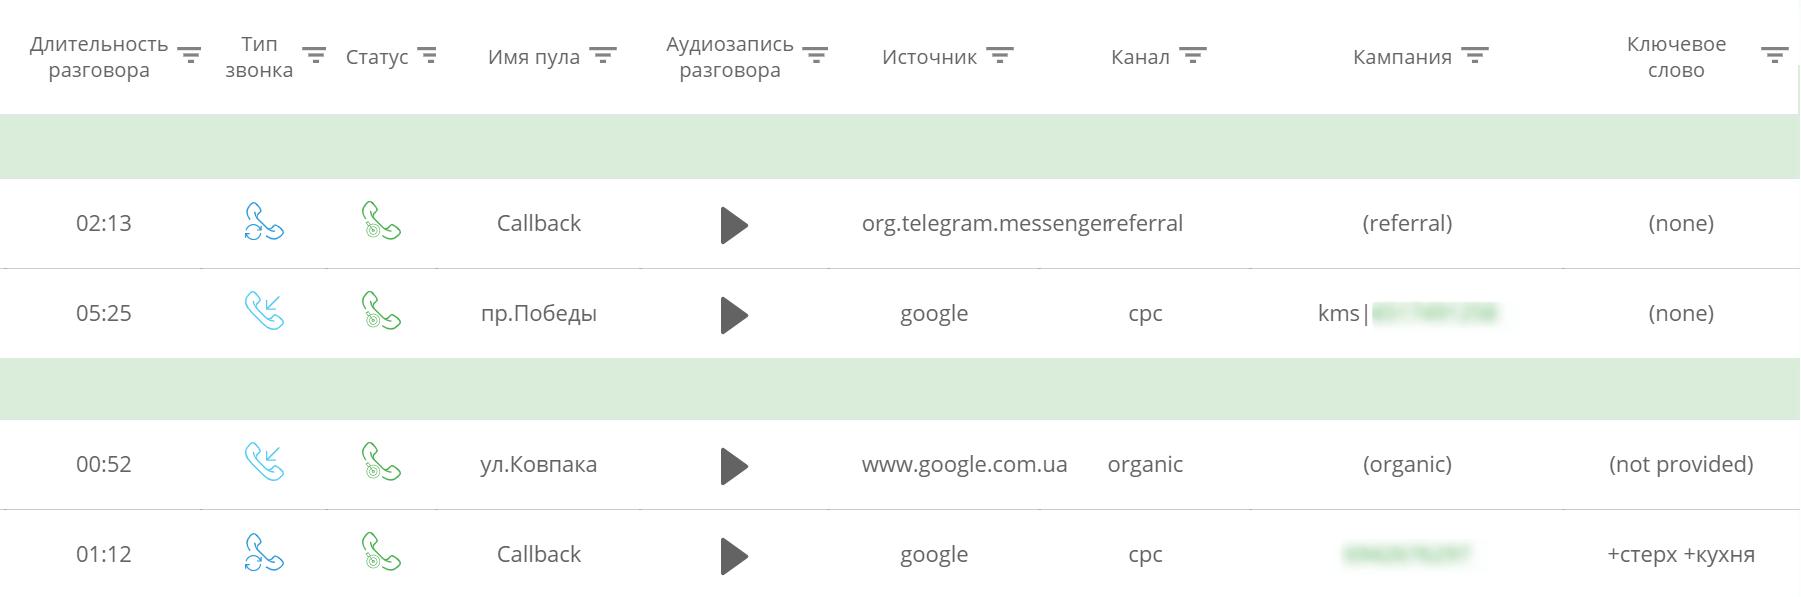 Пример отчета Ringostat с источниками звонков